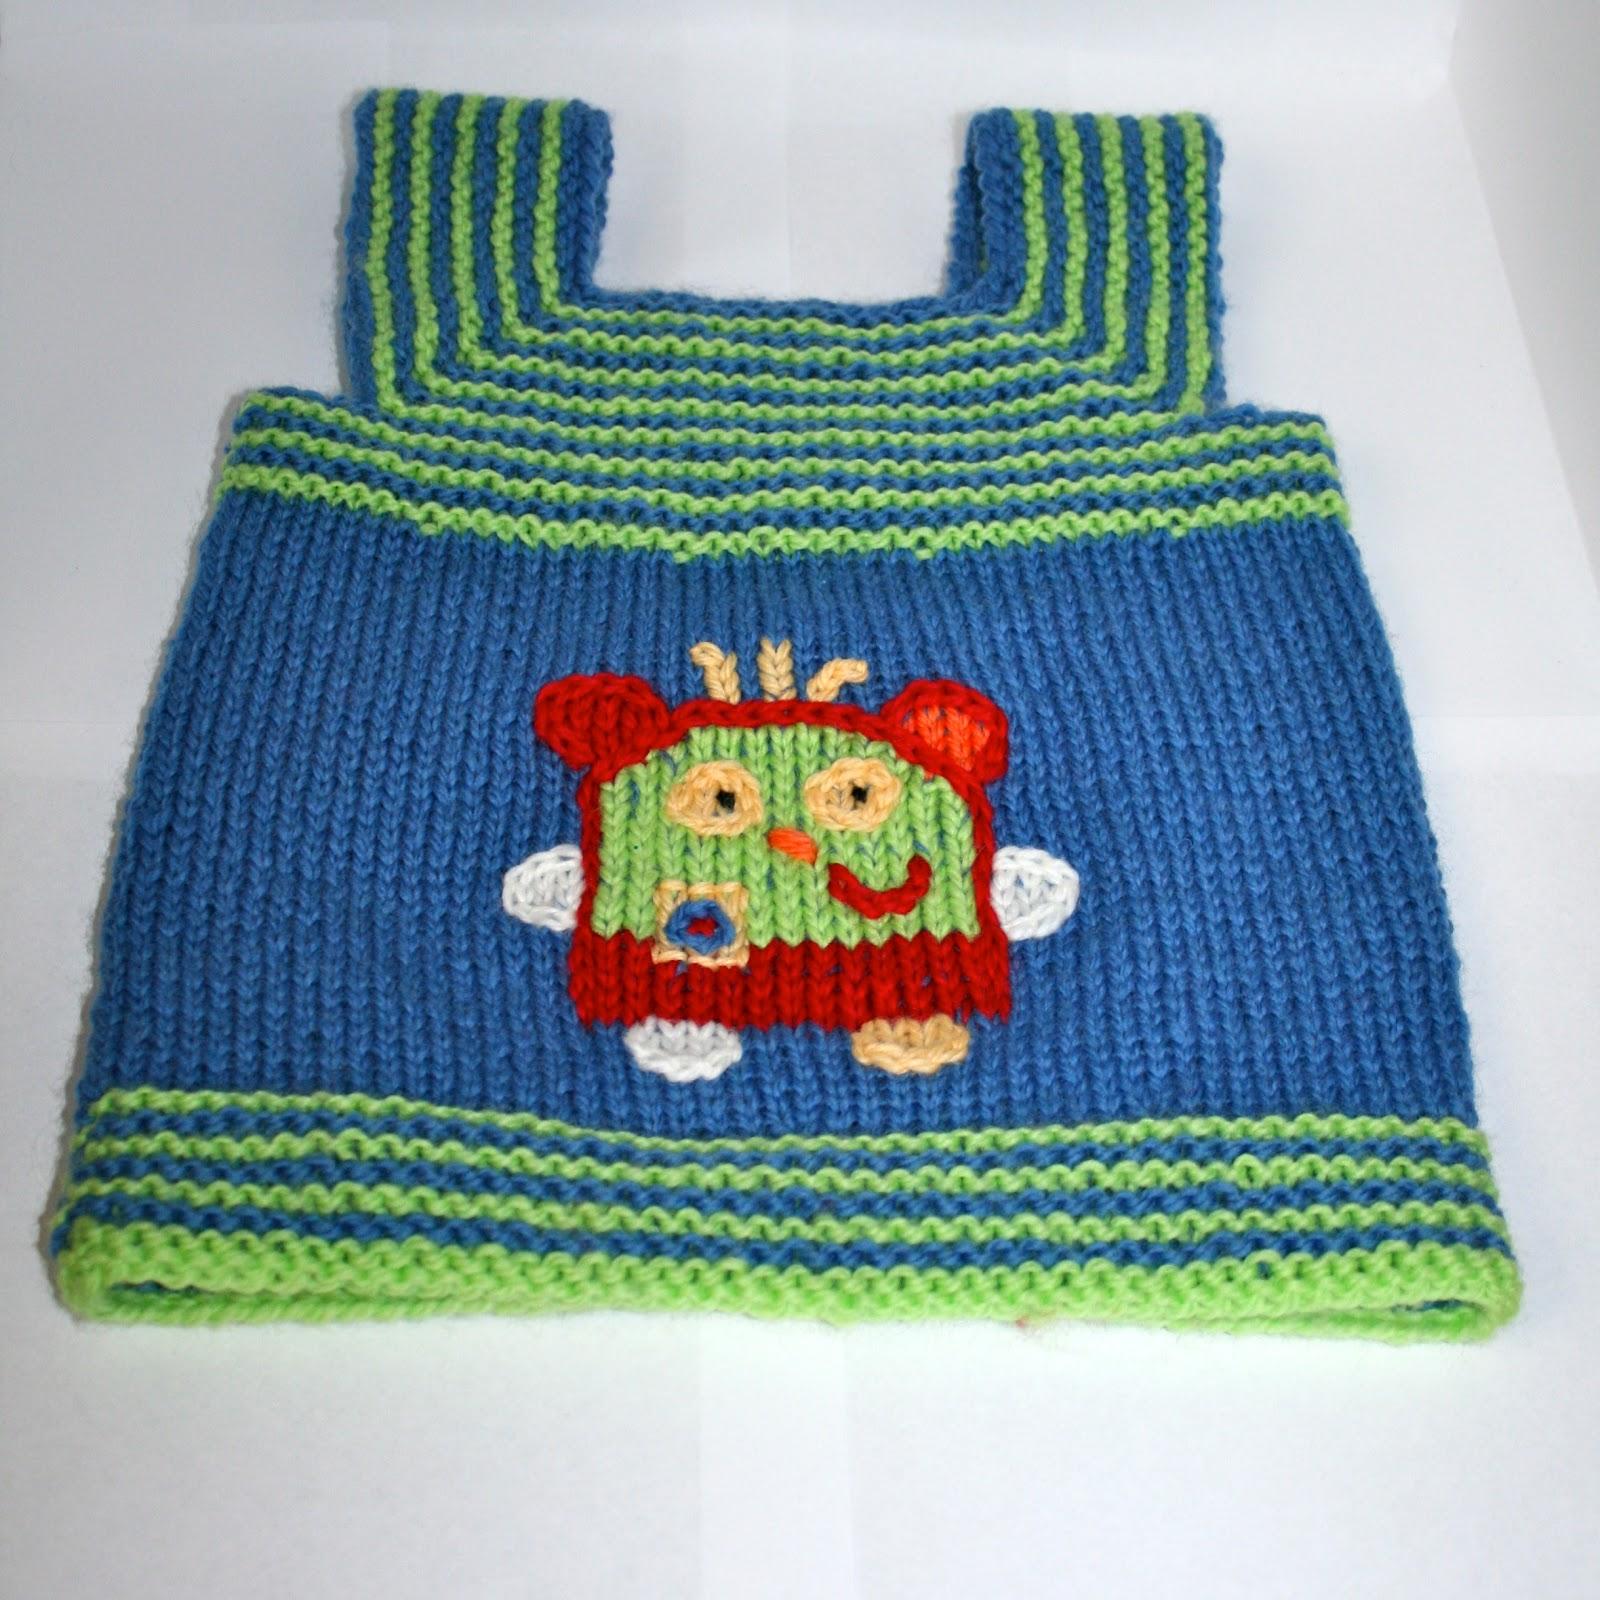 Cross Stitch Knitting Pattern Scarf : Eat, Knit, Love. . .: Knit. . . Cross stitch scarf, monster vest and some socks